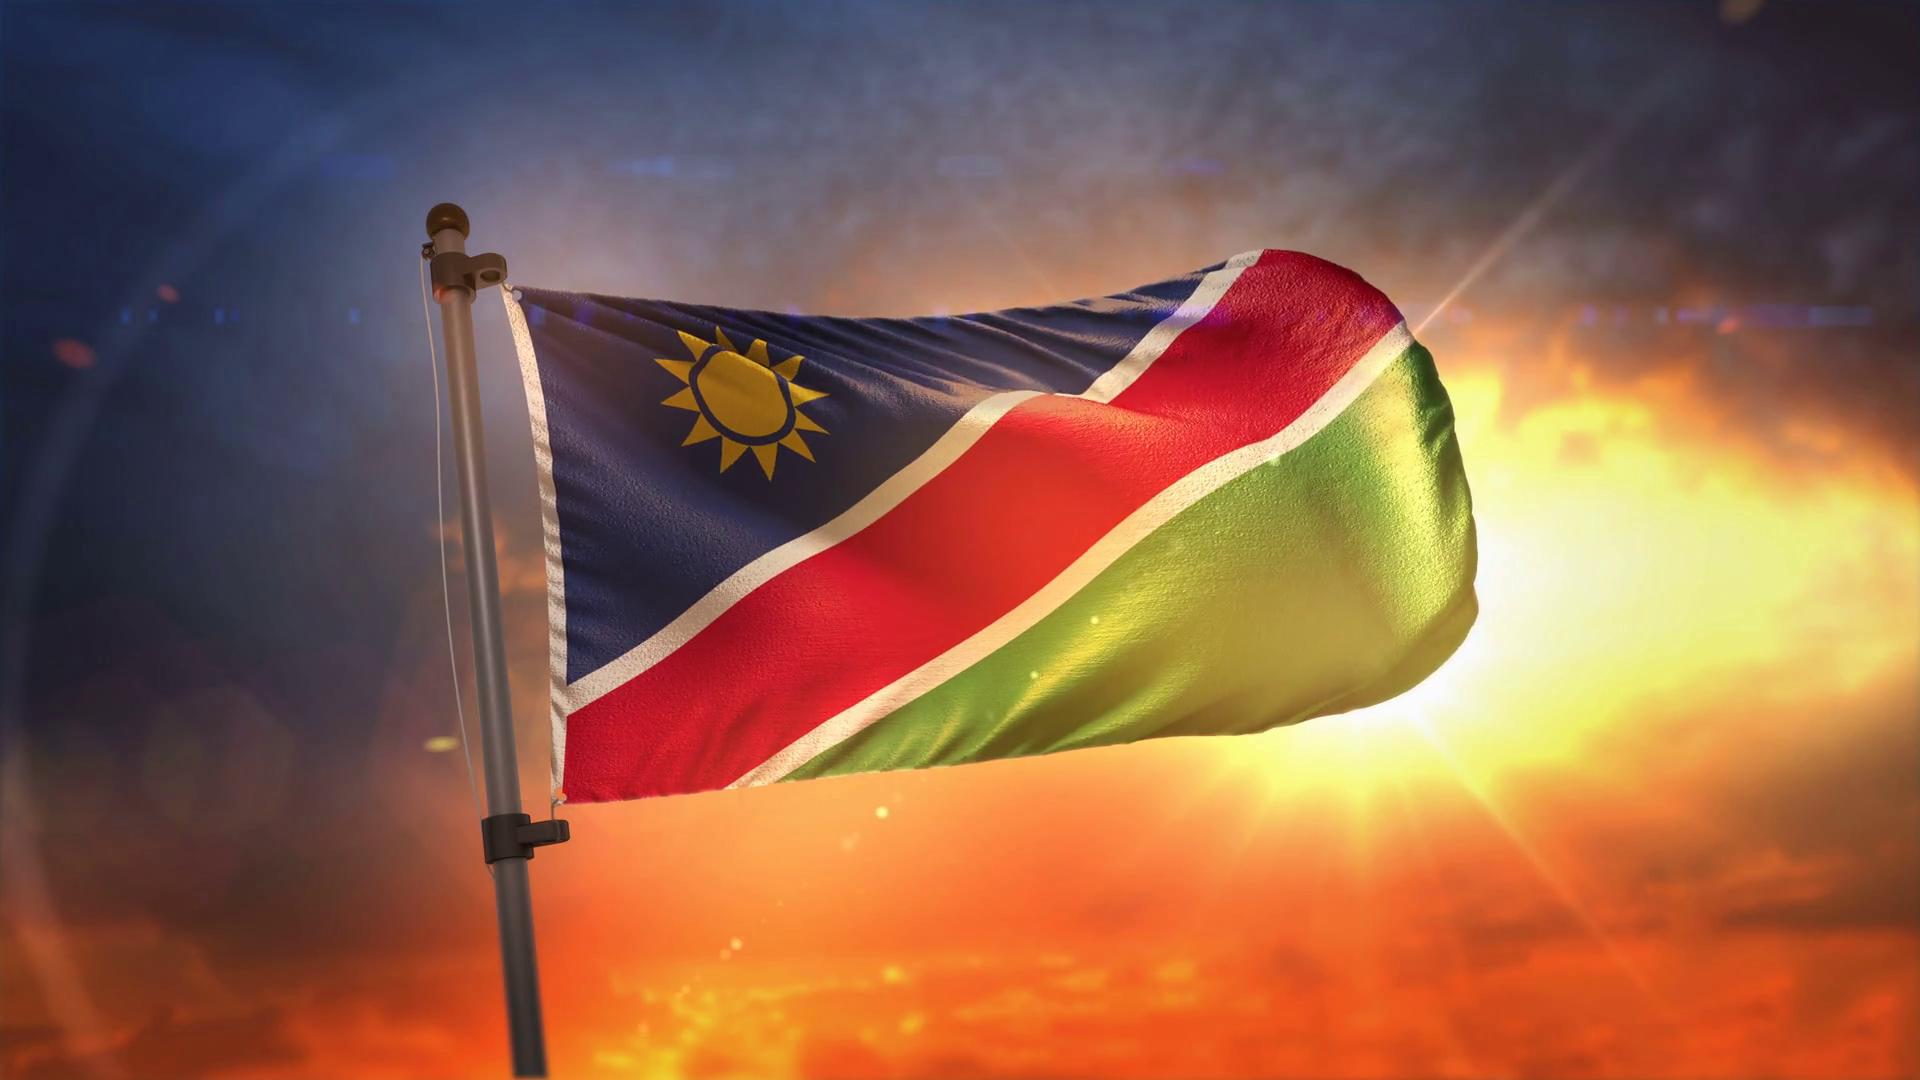 Namibia Flag Backlit At Beautiful Sunrise Loop Slow Motion 4K 1920x1080